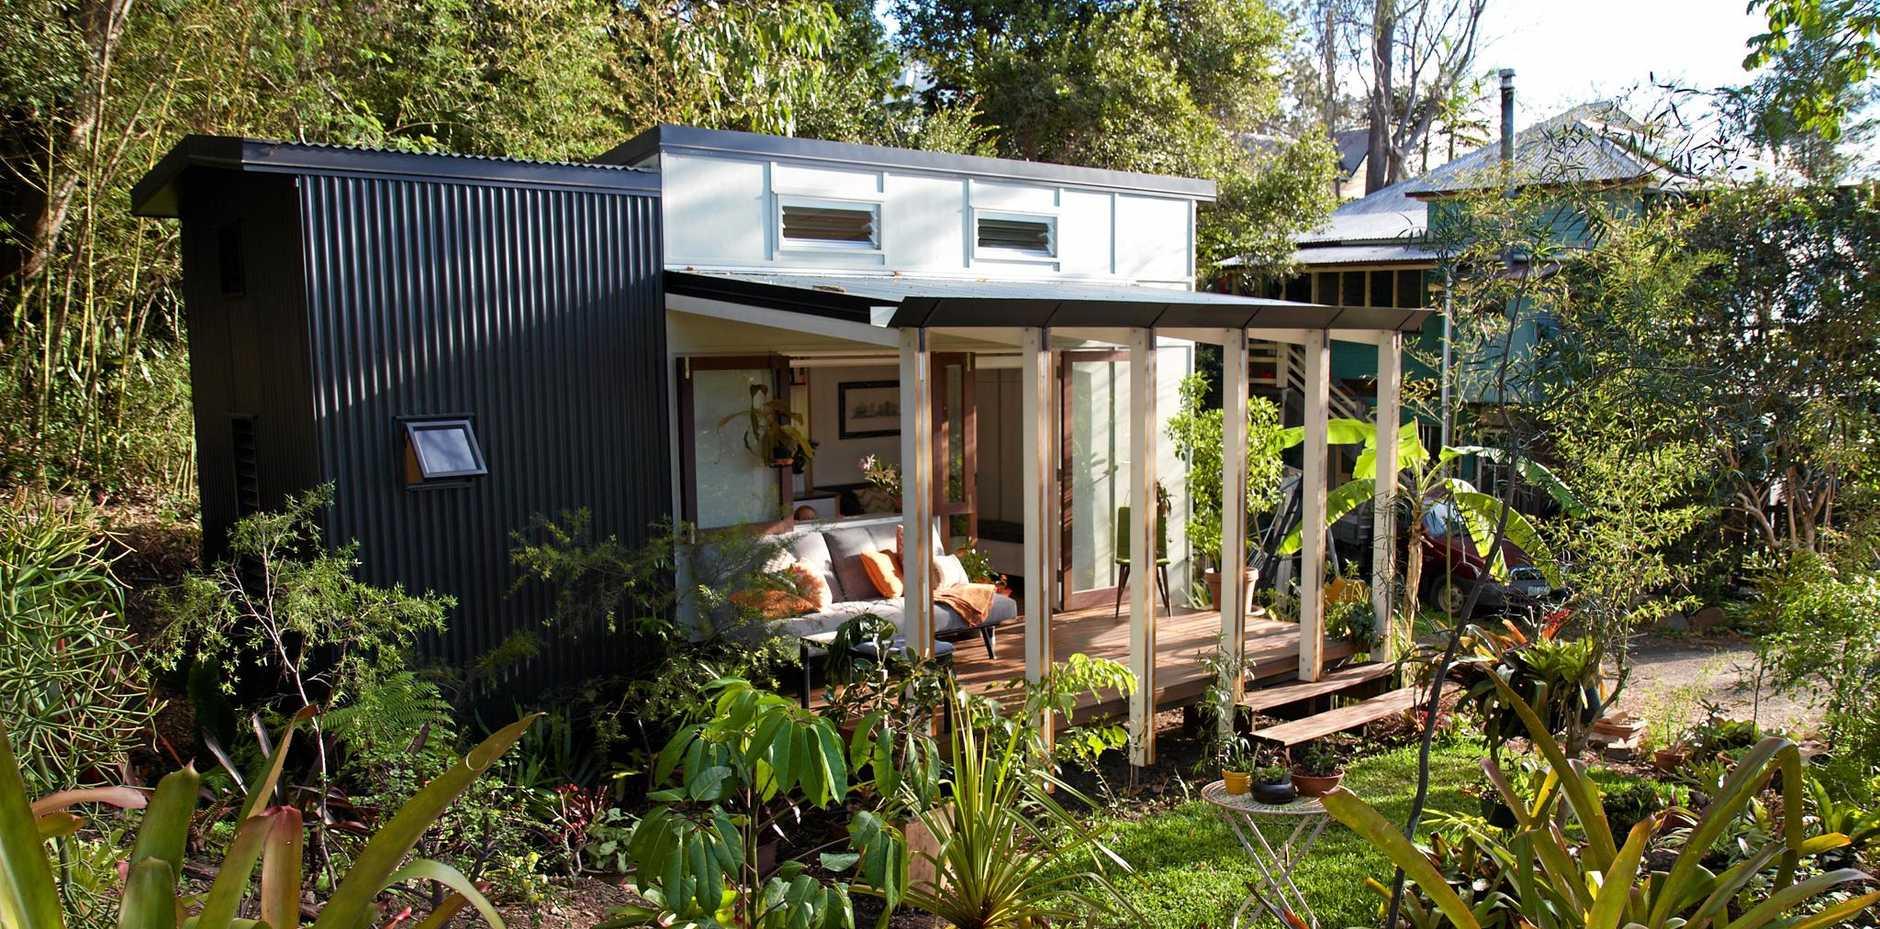 Lara Nobel's tiny home in inner-city Brisbane.